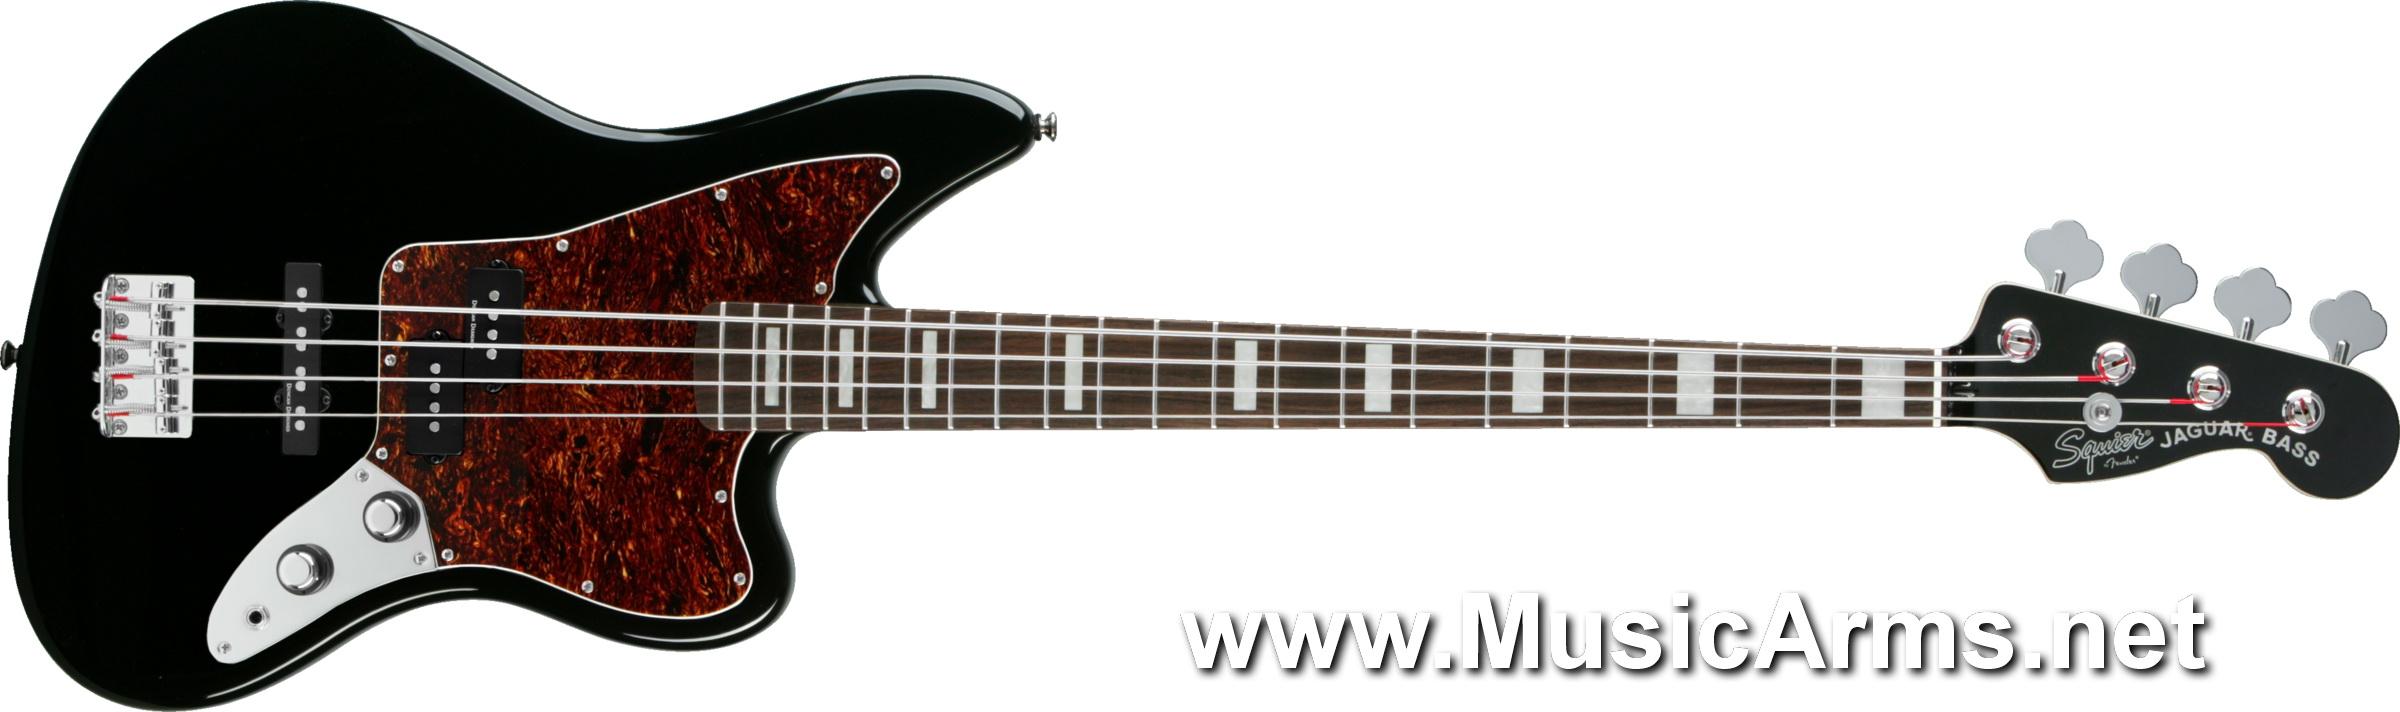 Squier-Vintage-Modified-Jaguar-Bass-ราคา ขายราคาพิเศษ